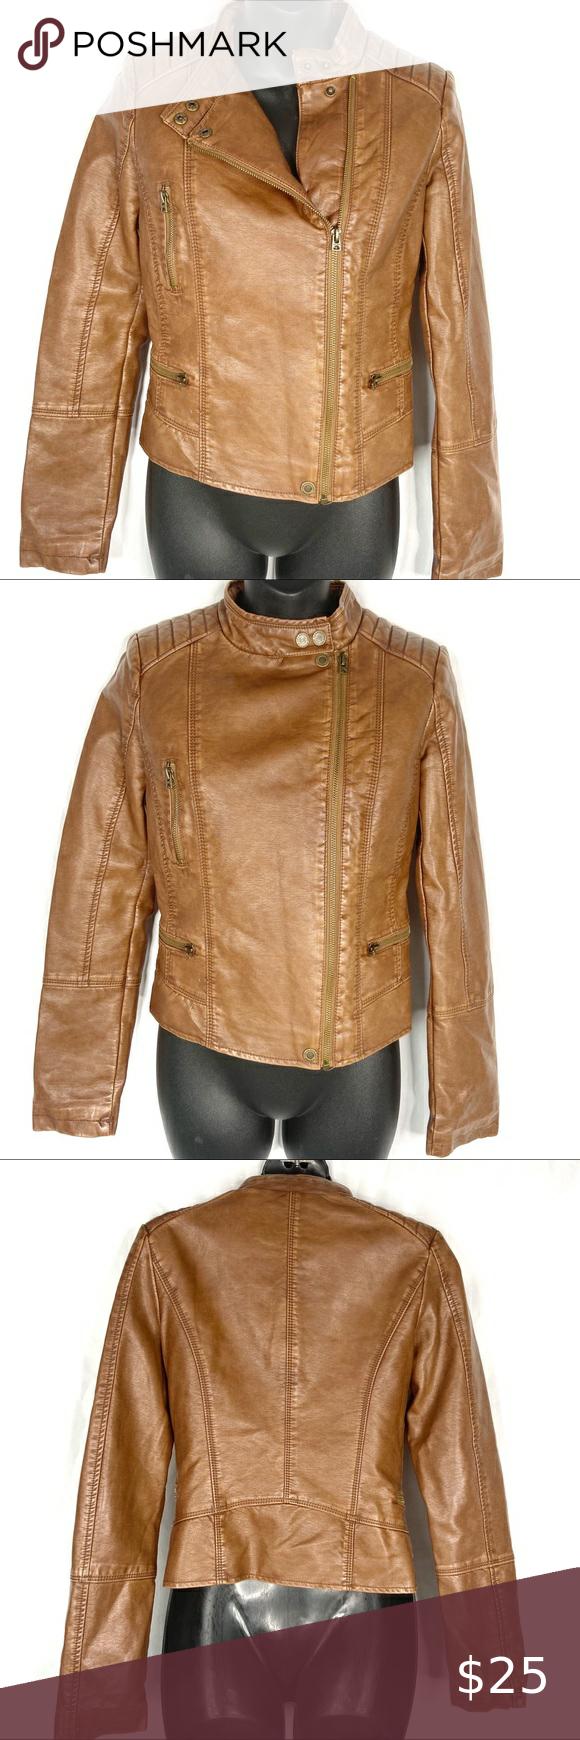 Aeropostale Brown Distressed Look Moto Jacket Xs Brown Faux Leather Distressed Lo Distressed Leather Jacket Faux Leather Jacket Women Faux Leather Biker Jacket [ 1740 x 580 Pixel ]